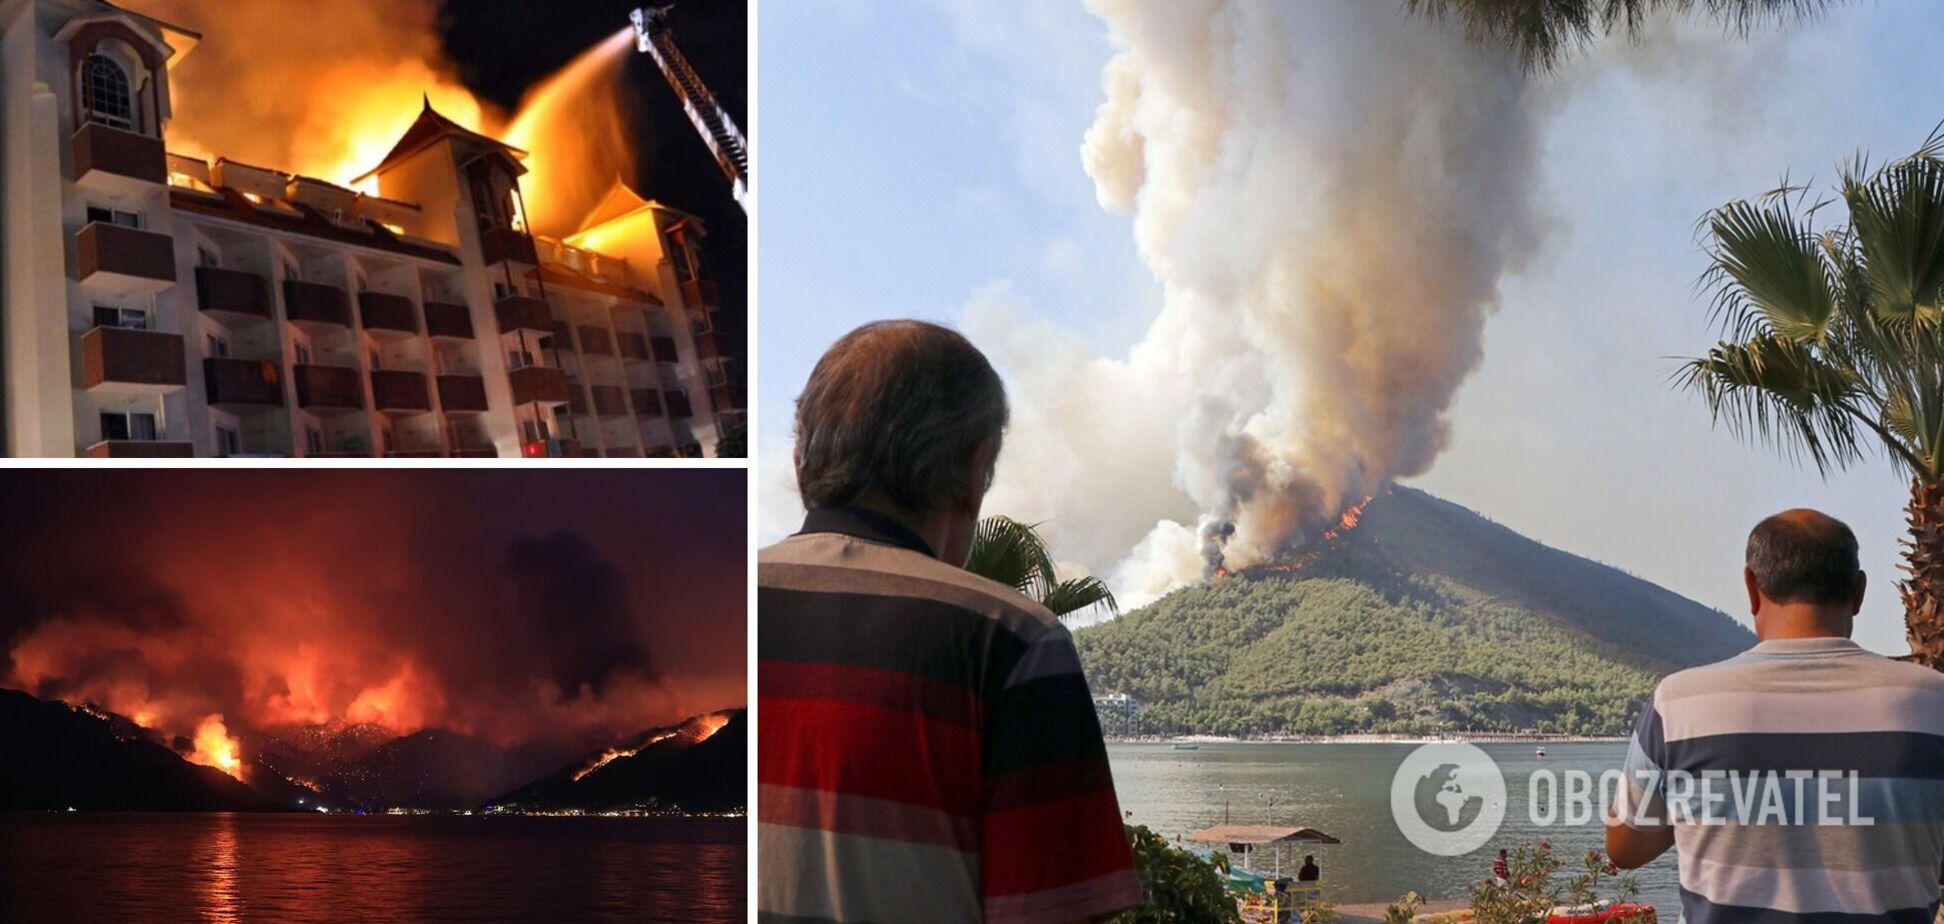 Дороги плавилися, з гір на пляжі повалив дим: українці розповіли про відпочинок у Туреччині під час пожеж